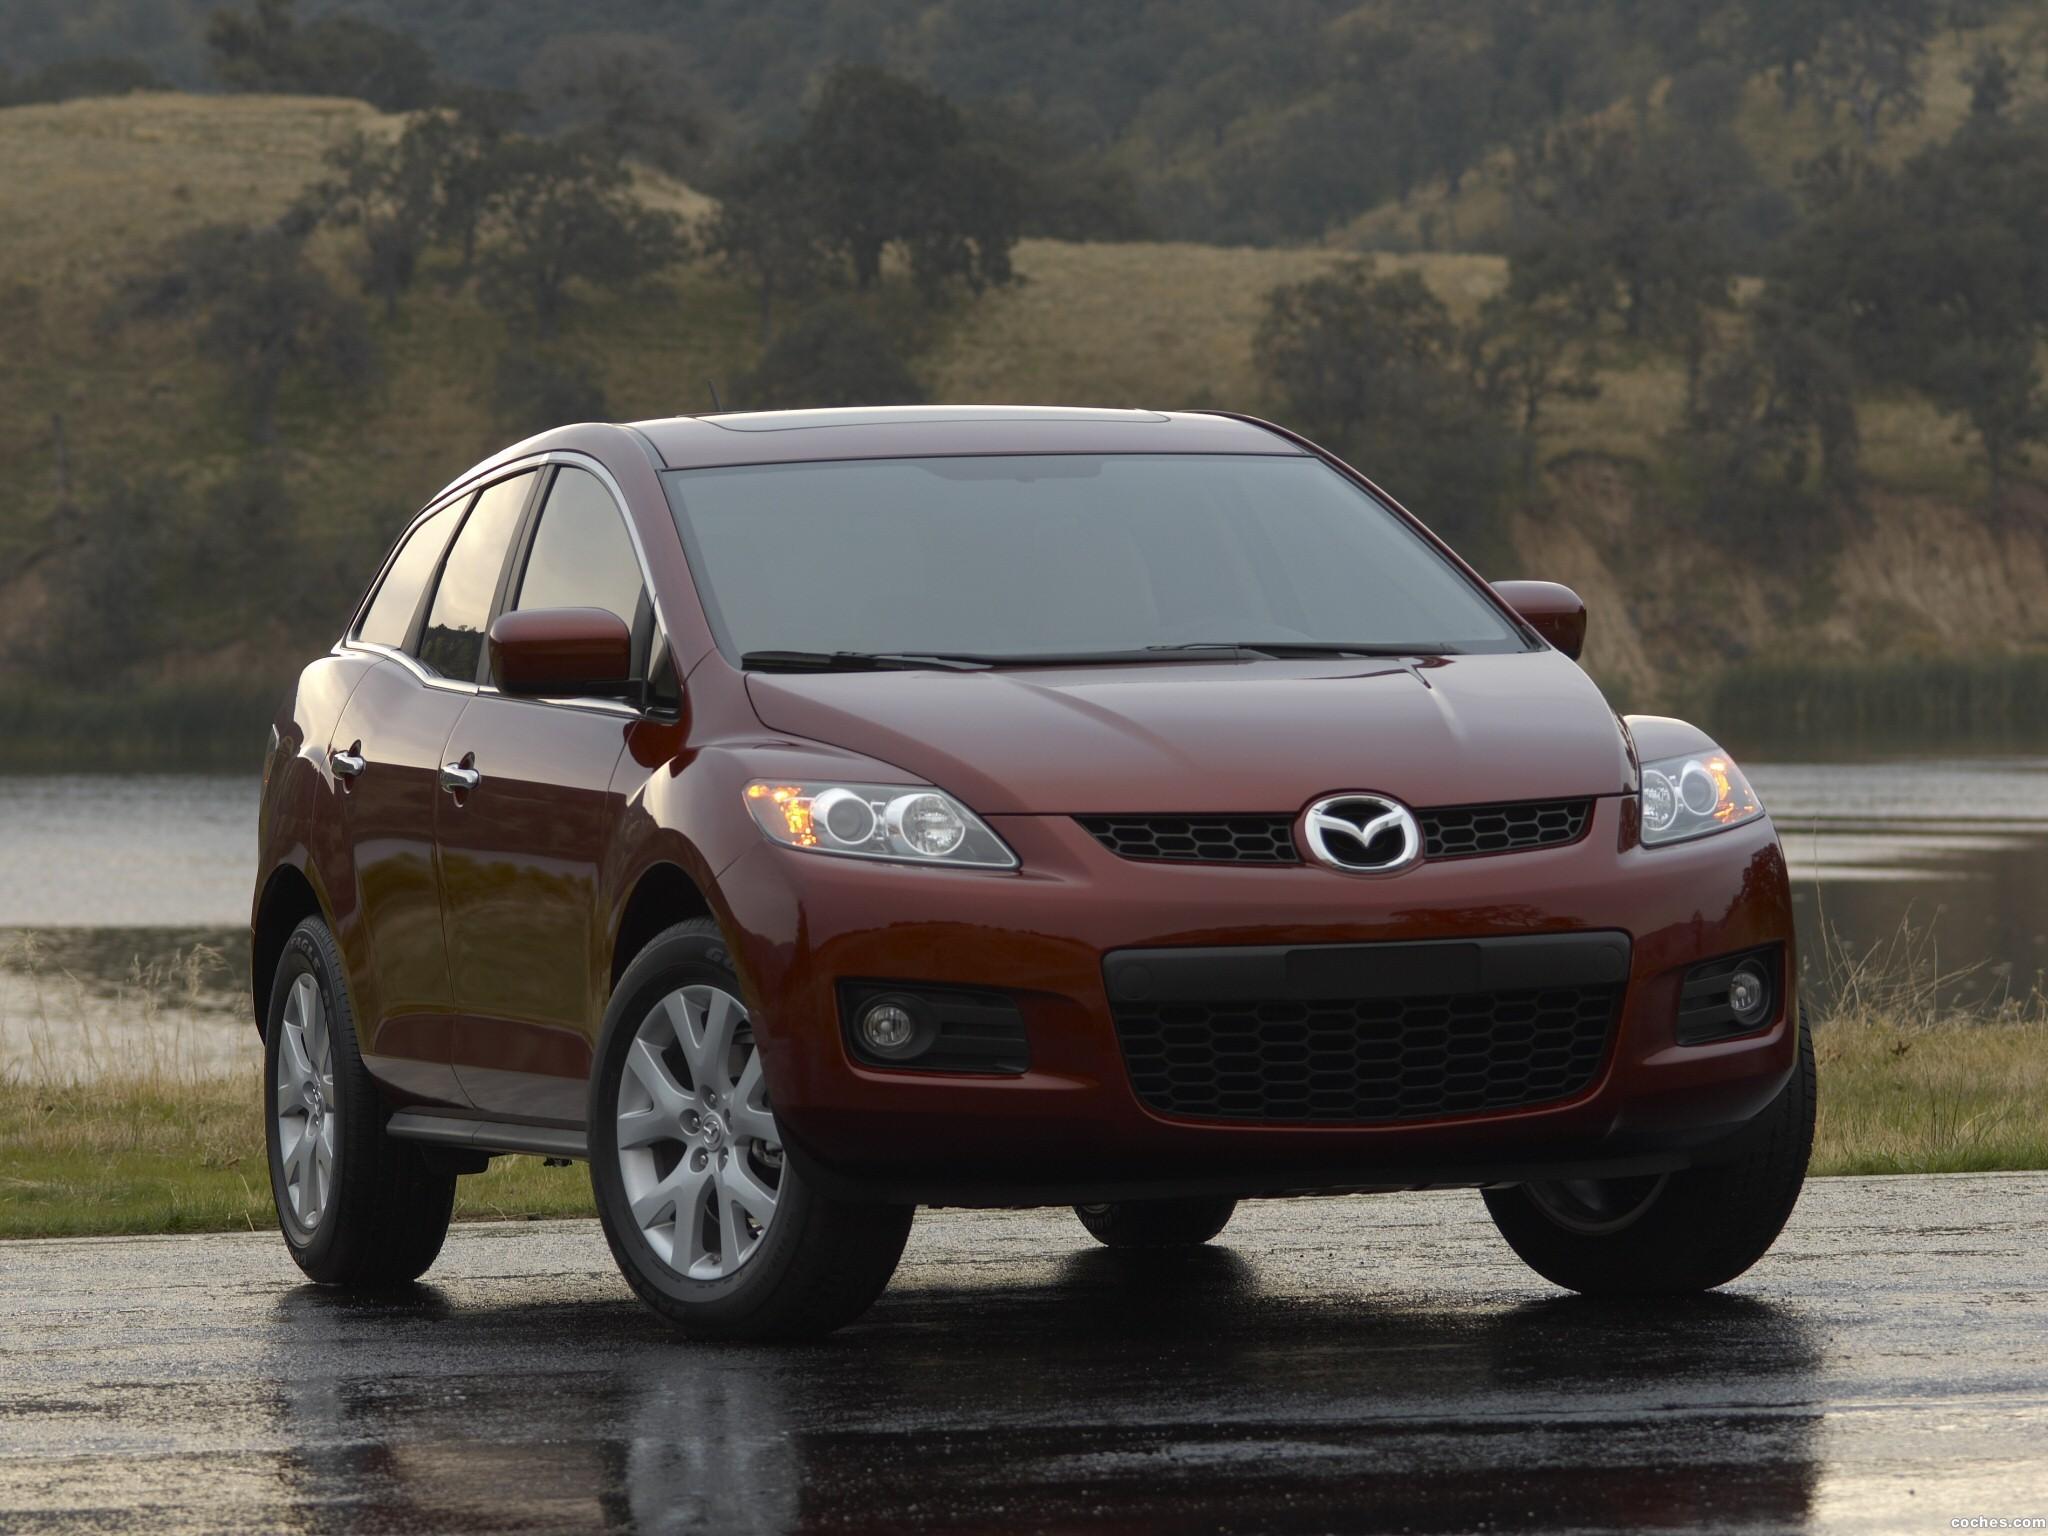 Foto 0 de Mazda CX-7 2007